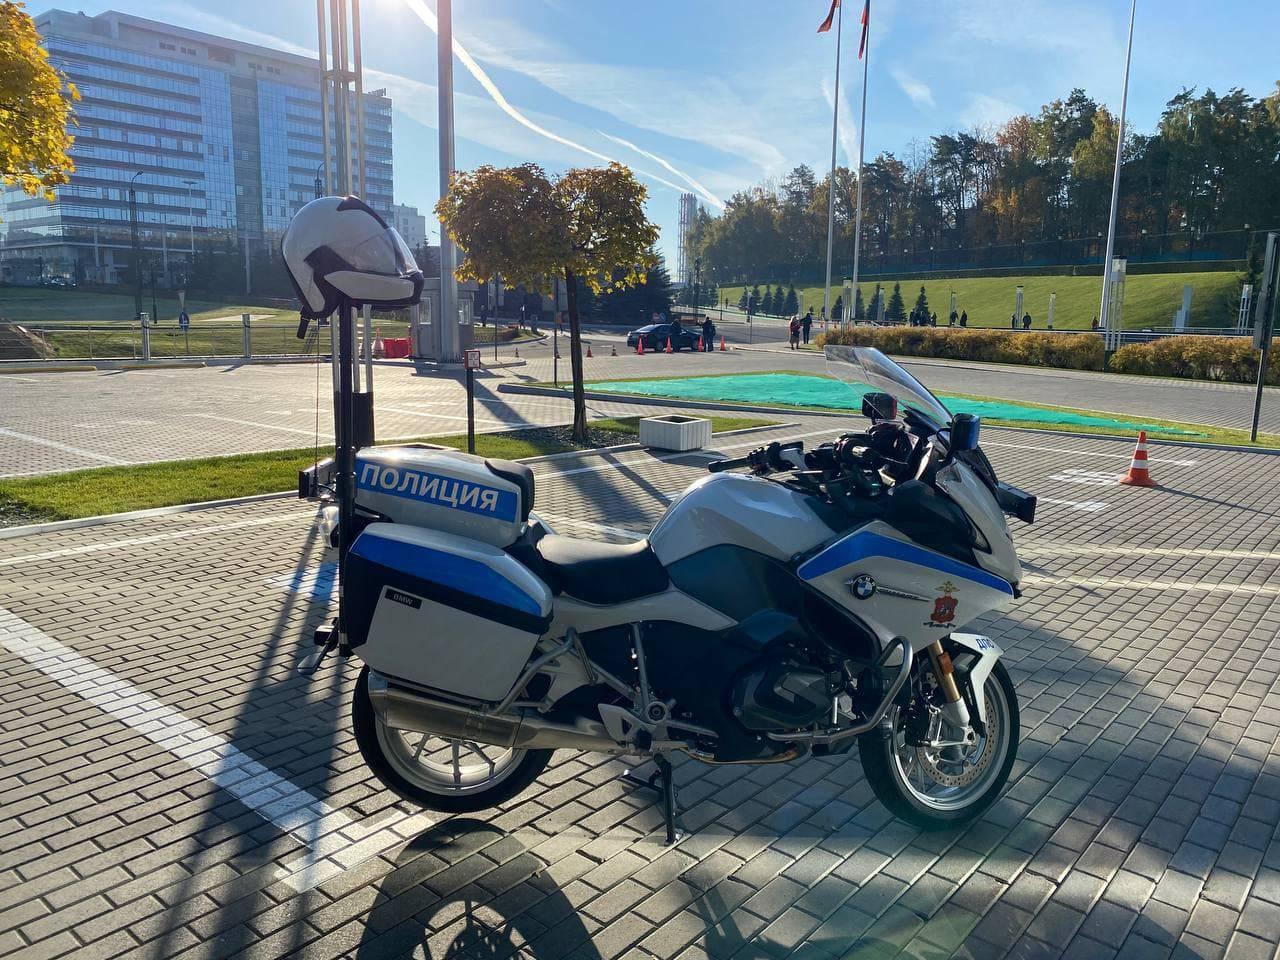 Скорость и маневренность. Подмосковной ГИБДД вручили 19 новых мотоциклов BMW | Изображение 5